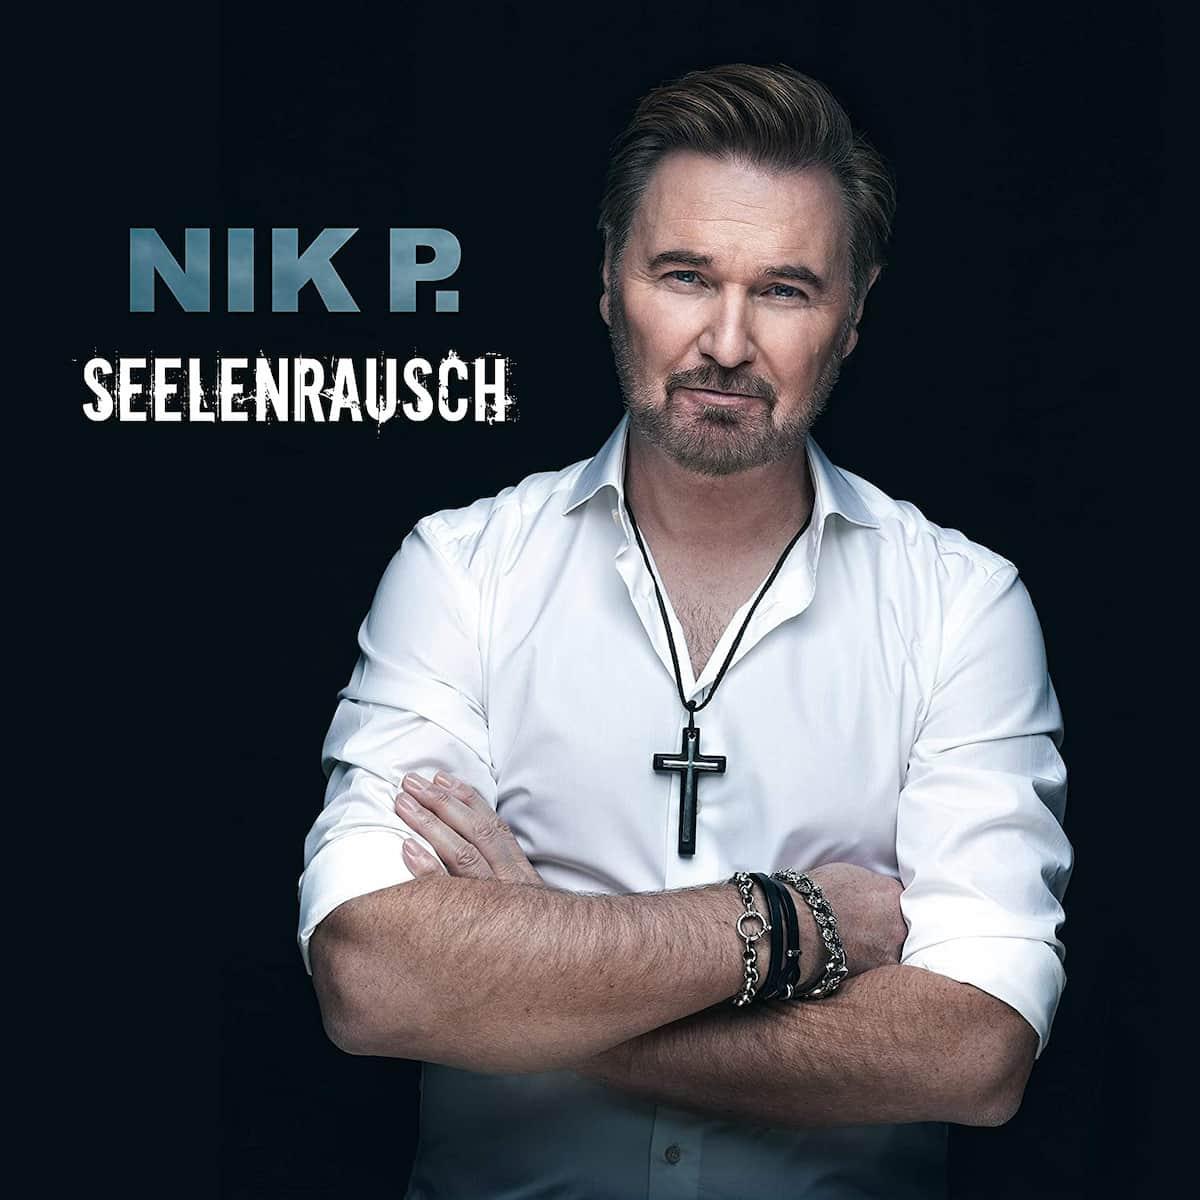 Nik P. CD Seelenrausch 2021